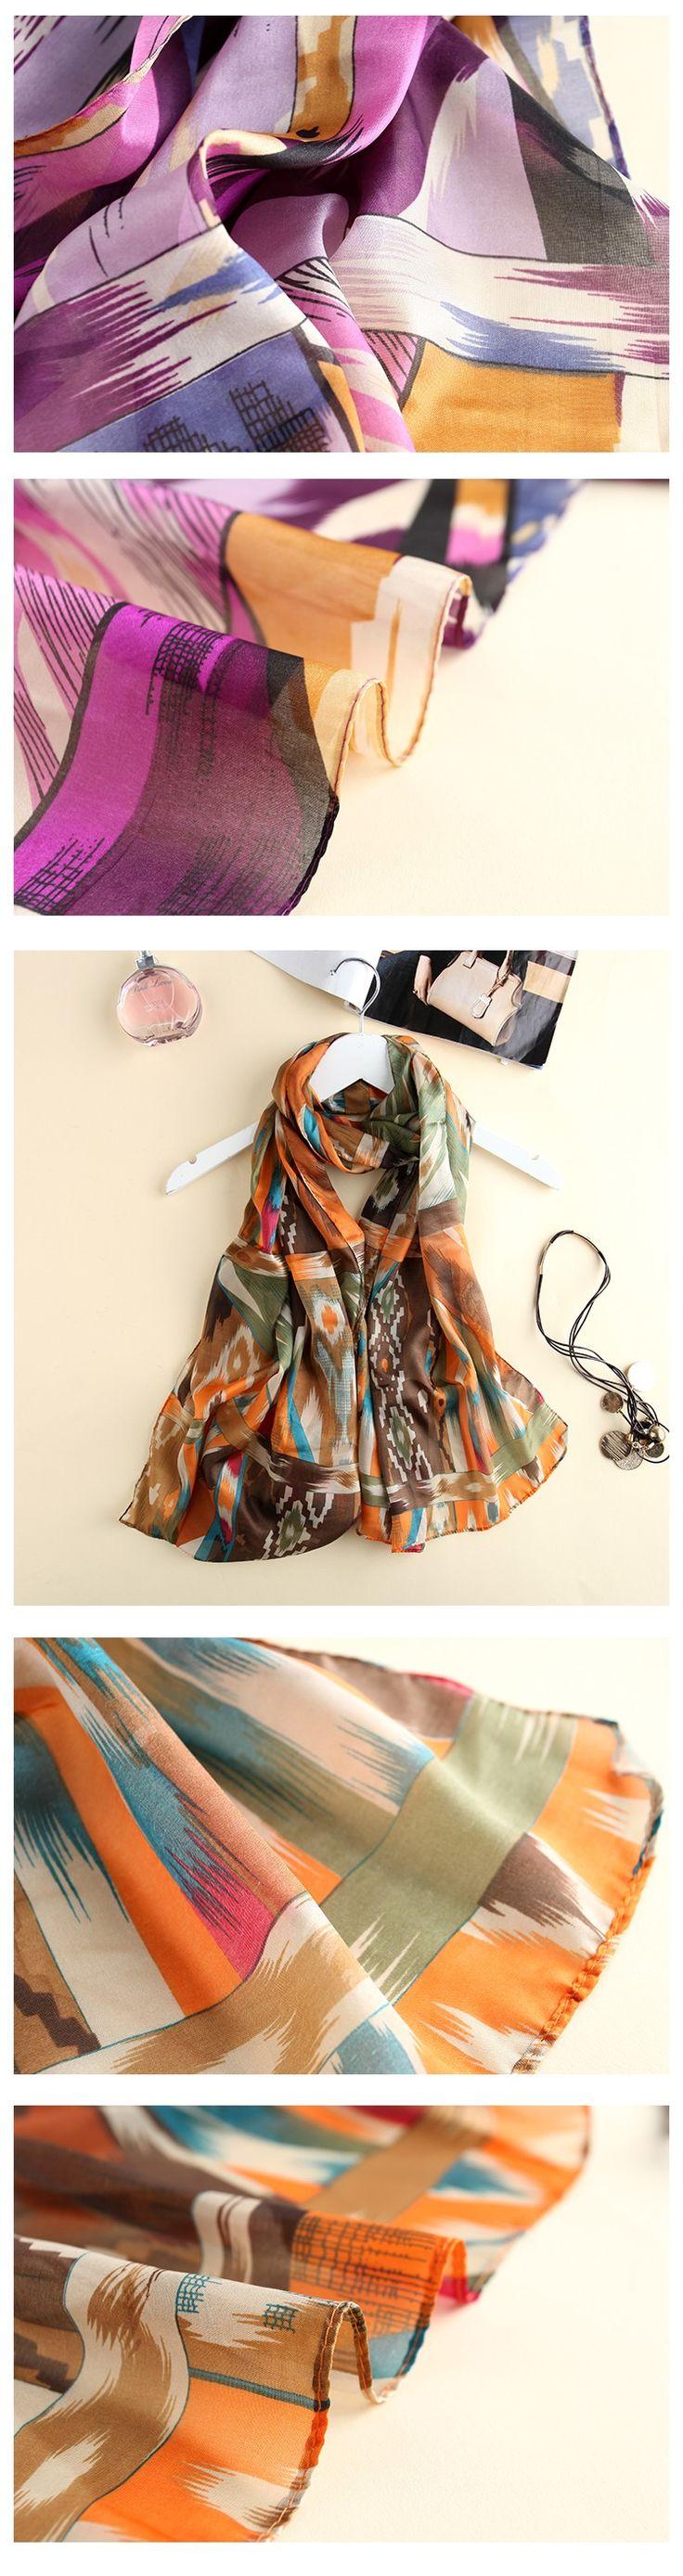 Hijab da India sciarpa di lusso di marca donne cinesi sciarpe di chiffon morbido coperta pashmina scialli sciarpe per le donne foulard femme in     Esposizione del prodotto  luogo Di Origine: Cina  dimensioni: L * W: 156*53 cm.l' Articolo sarà 1-3 cm errore, sda Sciarpe su AliExpress.com | Gruppo Alibaba